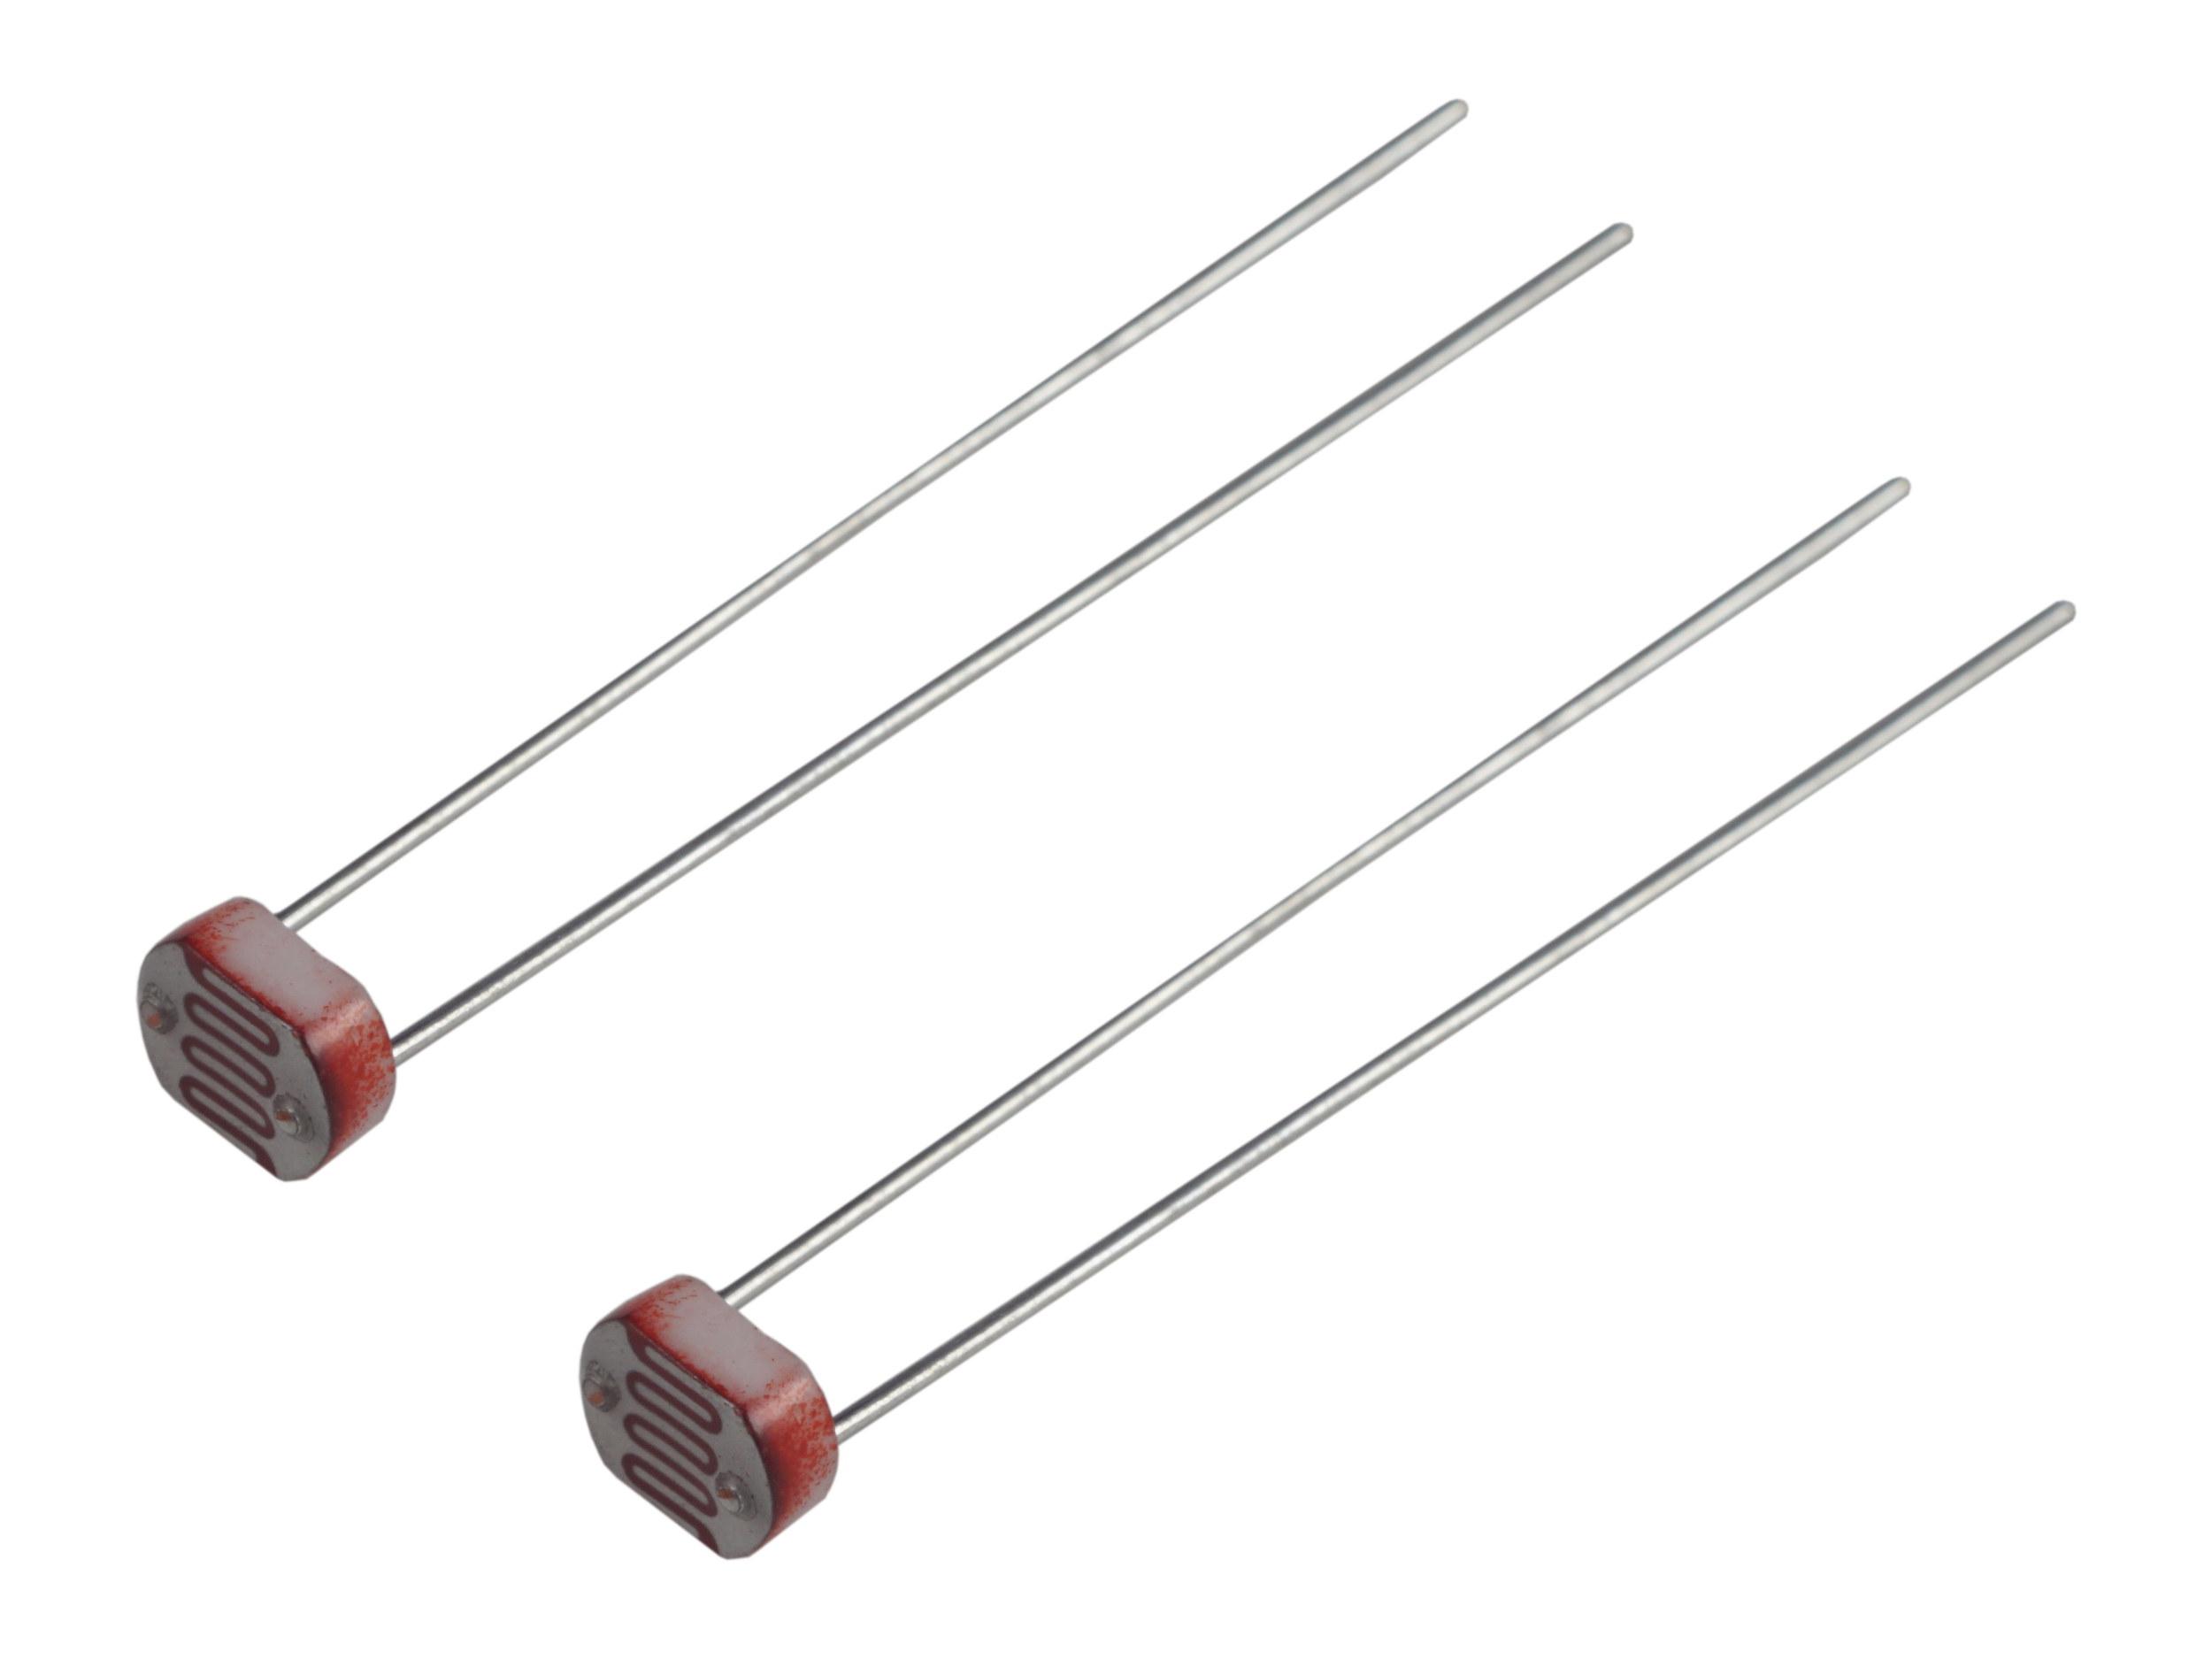 новые фоторезистор что это такое много лет